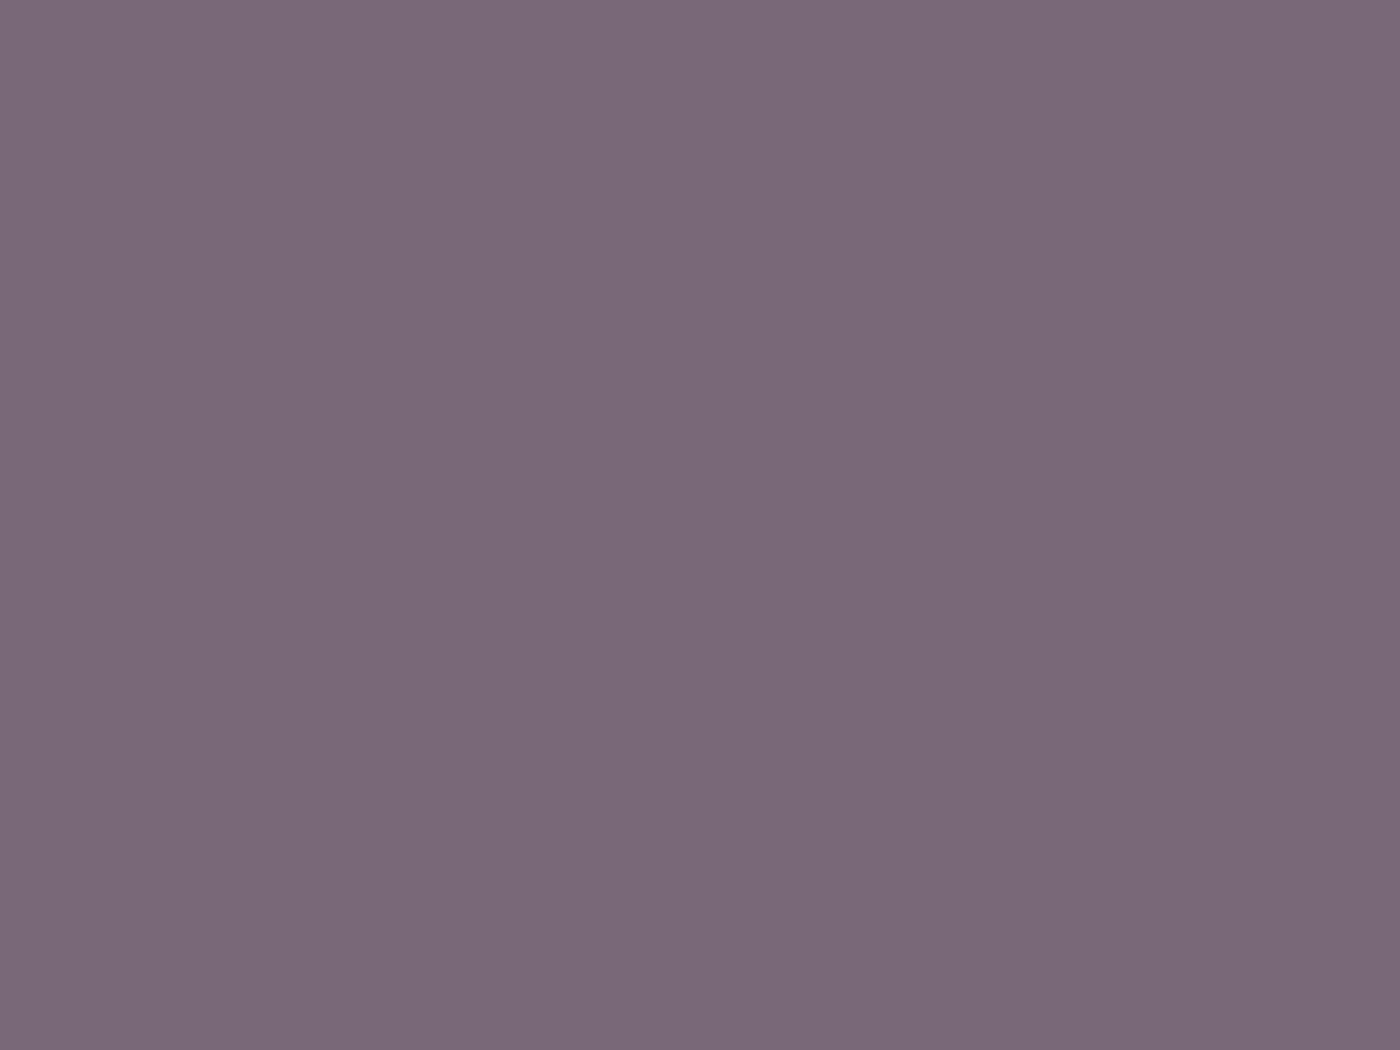 1400x1050 Old Lavender Solid Color Background